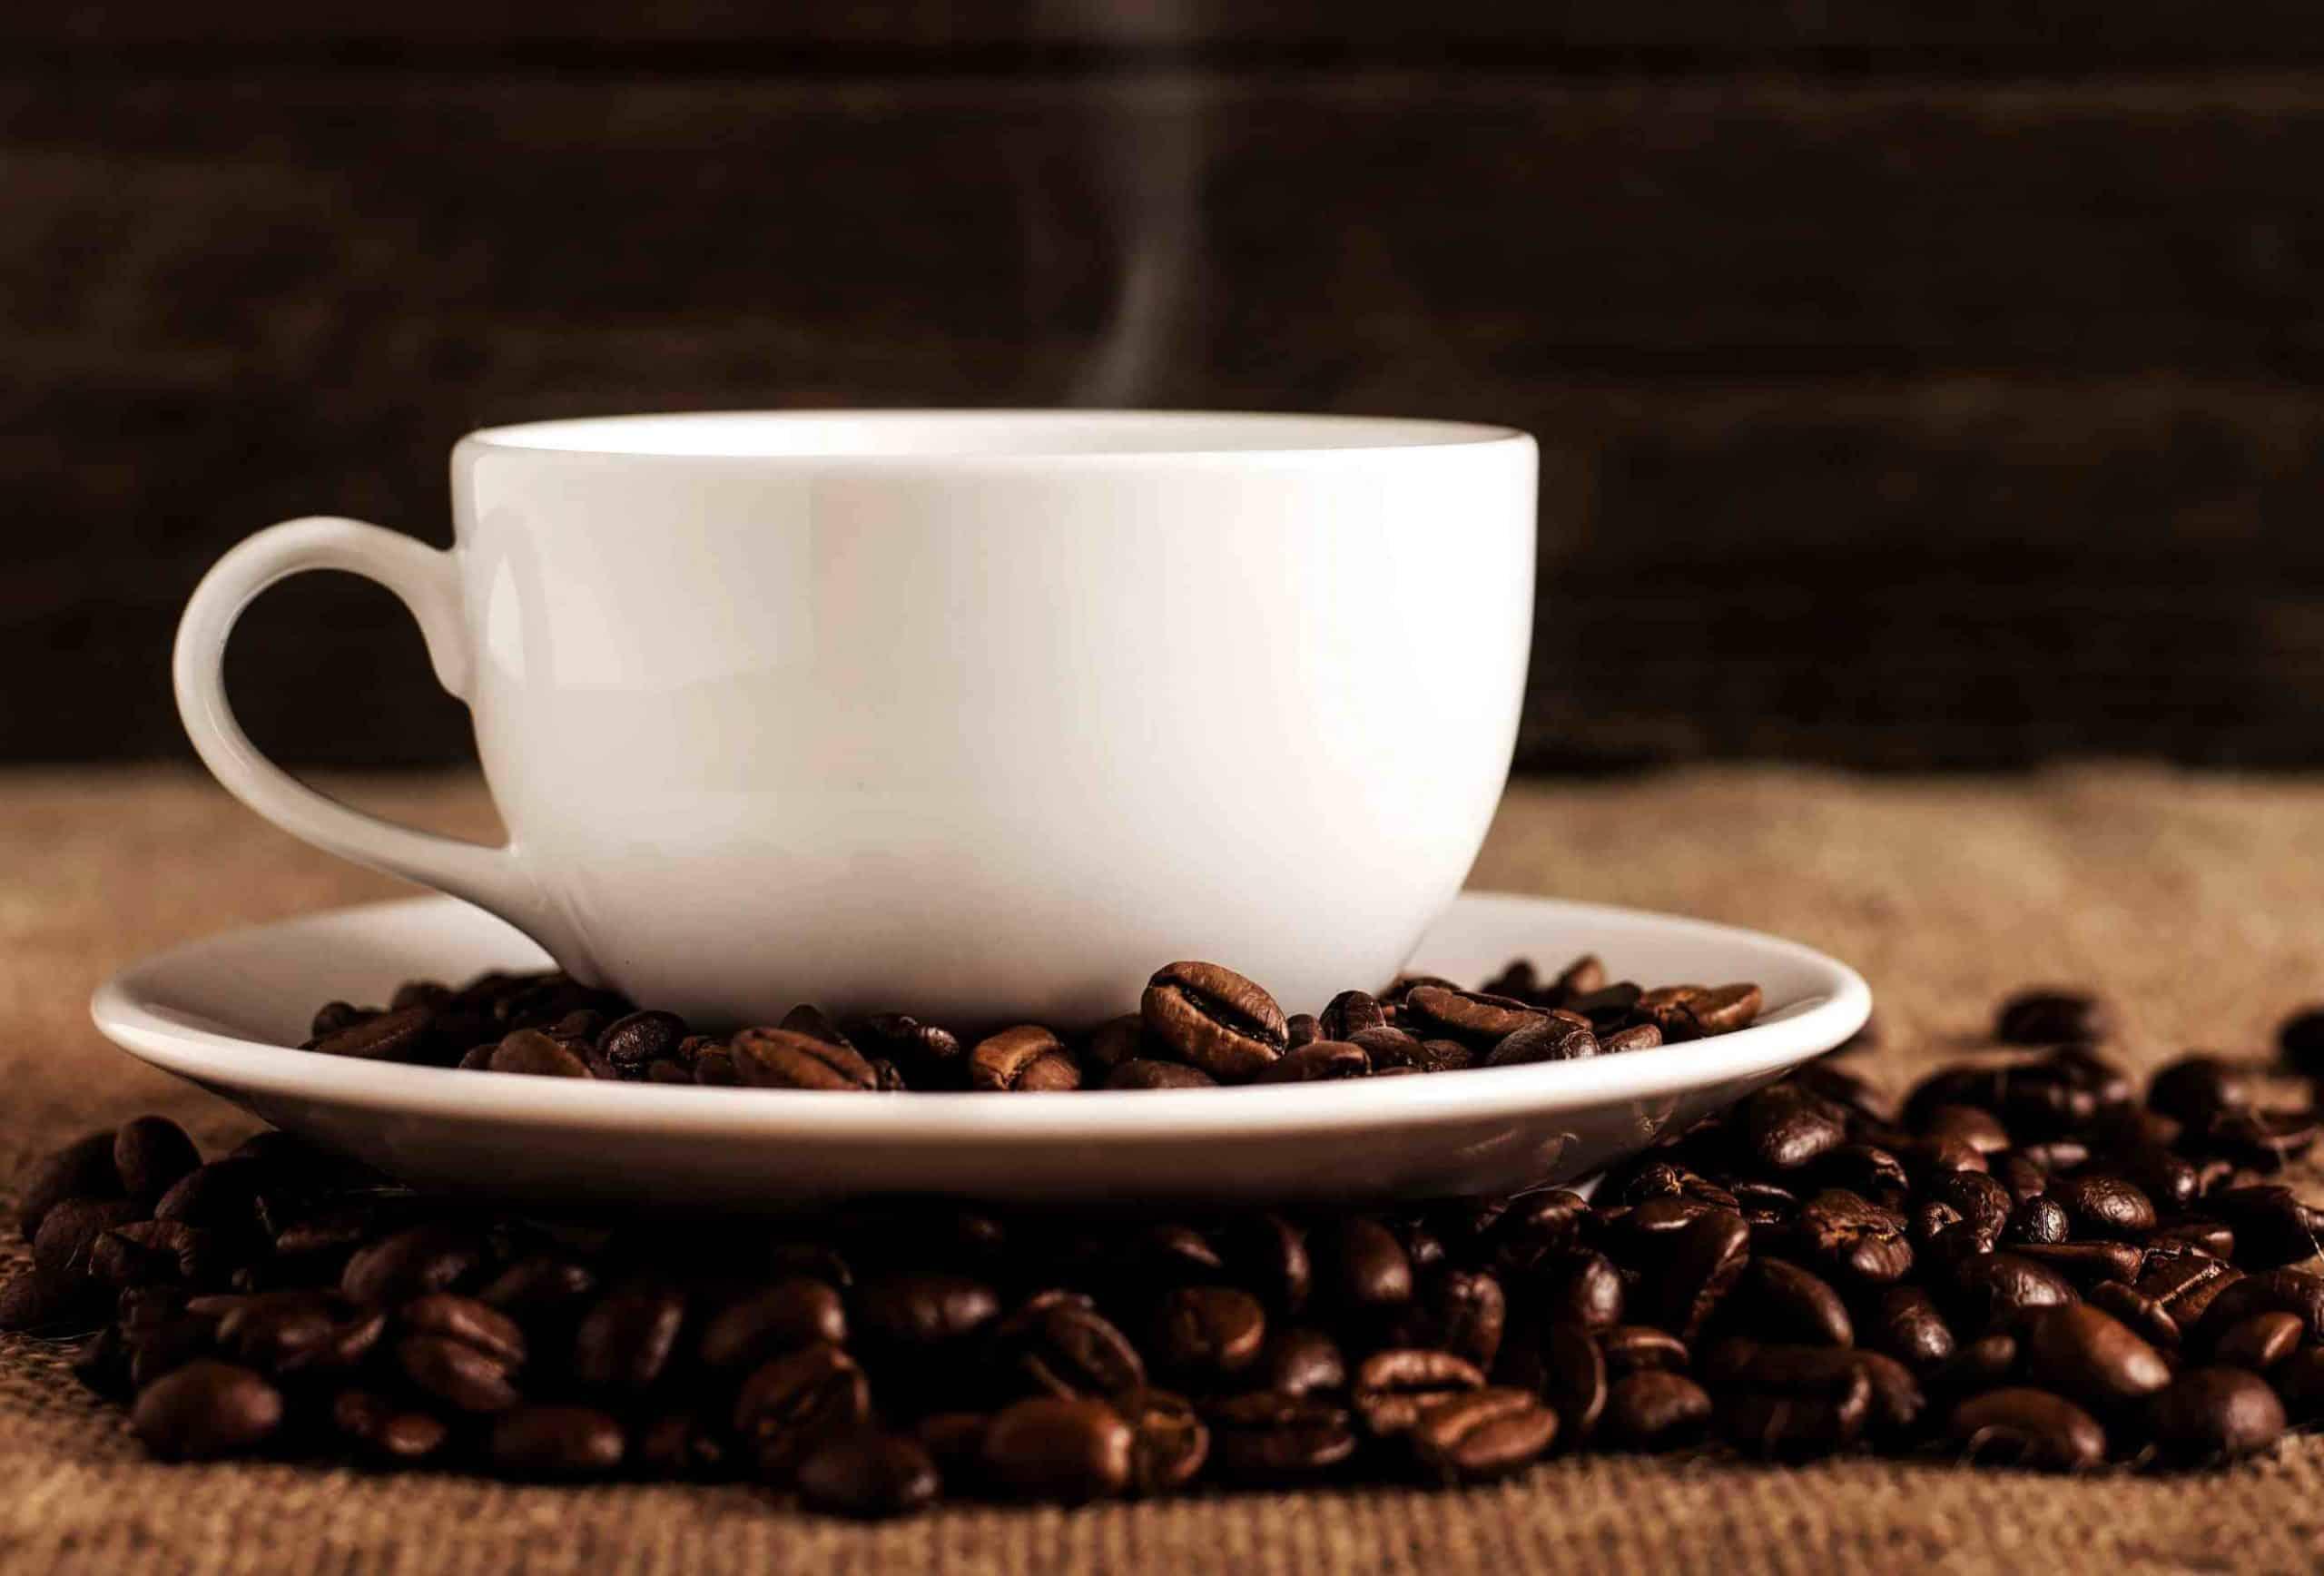 Η καφεΐνη είναι ένα ισχυρό κατασταλτικό της όρεξης, γι' αυτό και πολλοί άνθρωποι που κόβουν τον καφέ αισθάνονται ότι διαρκώς πεινάνε.